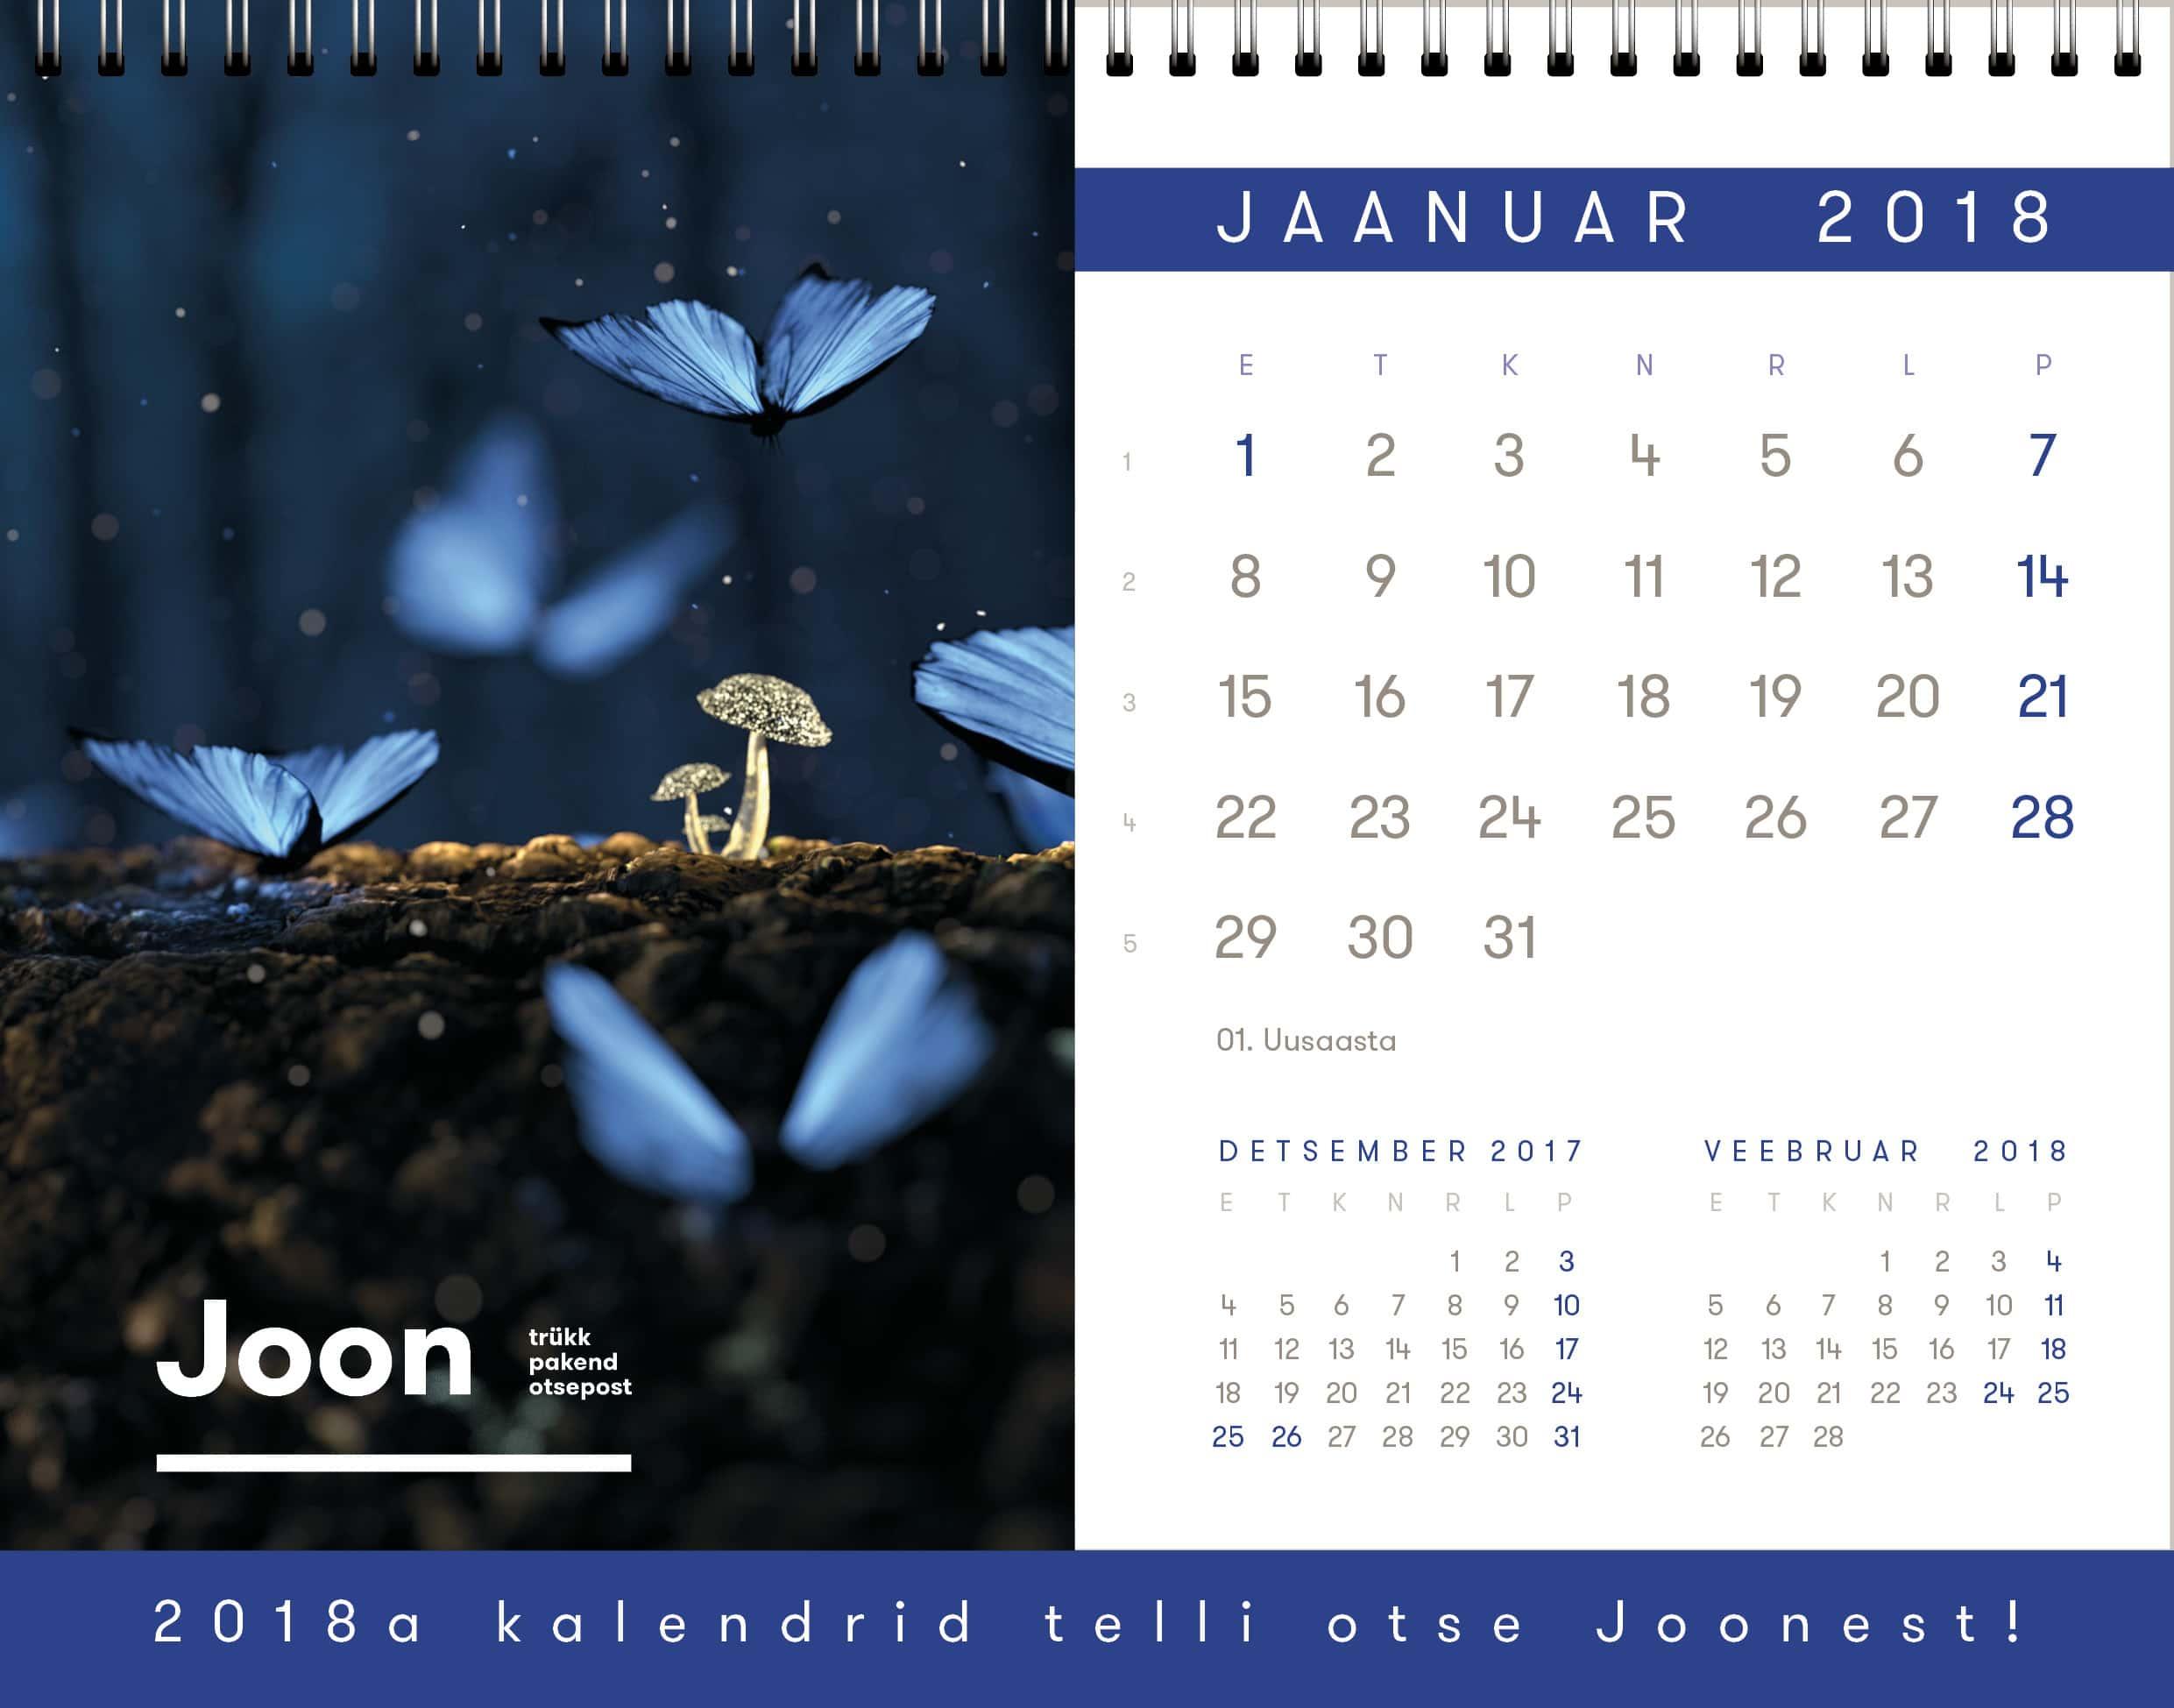 Lauakalender_Joon, kalendrite tellimine 2018